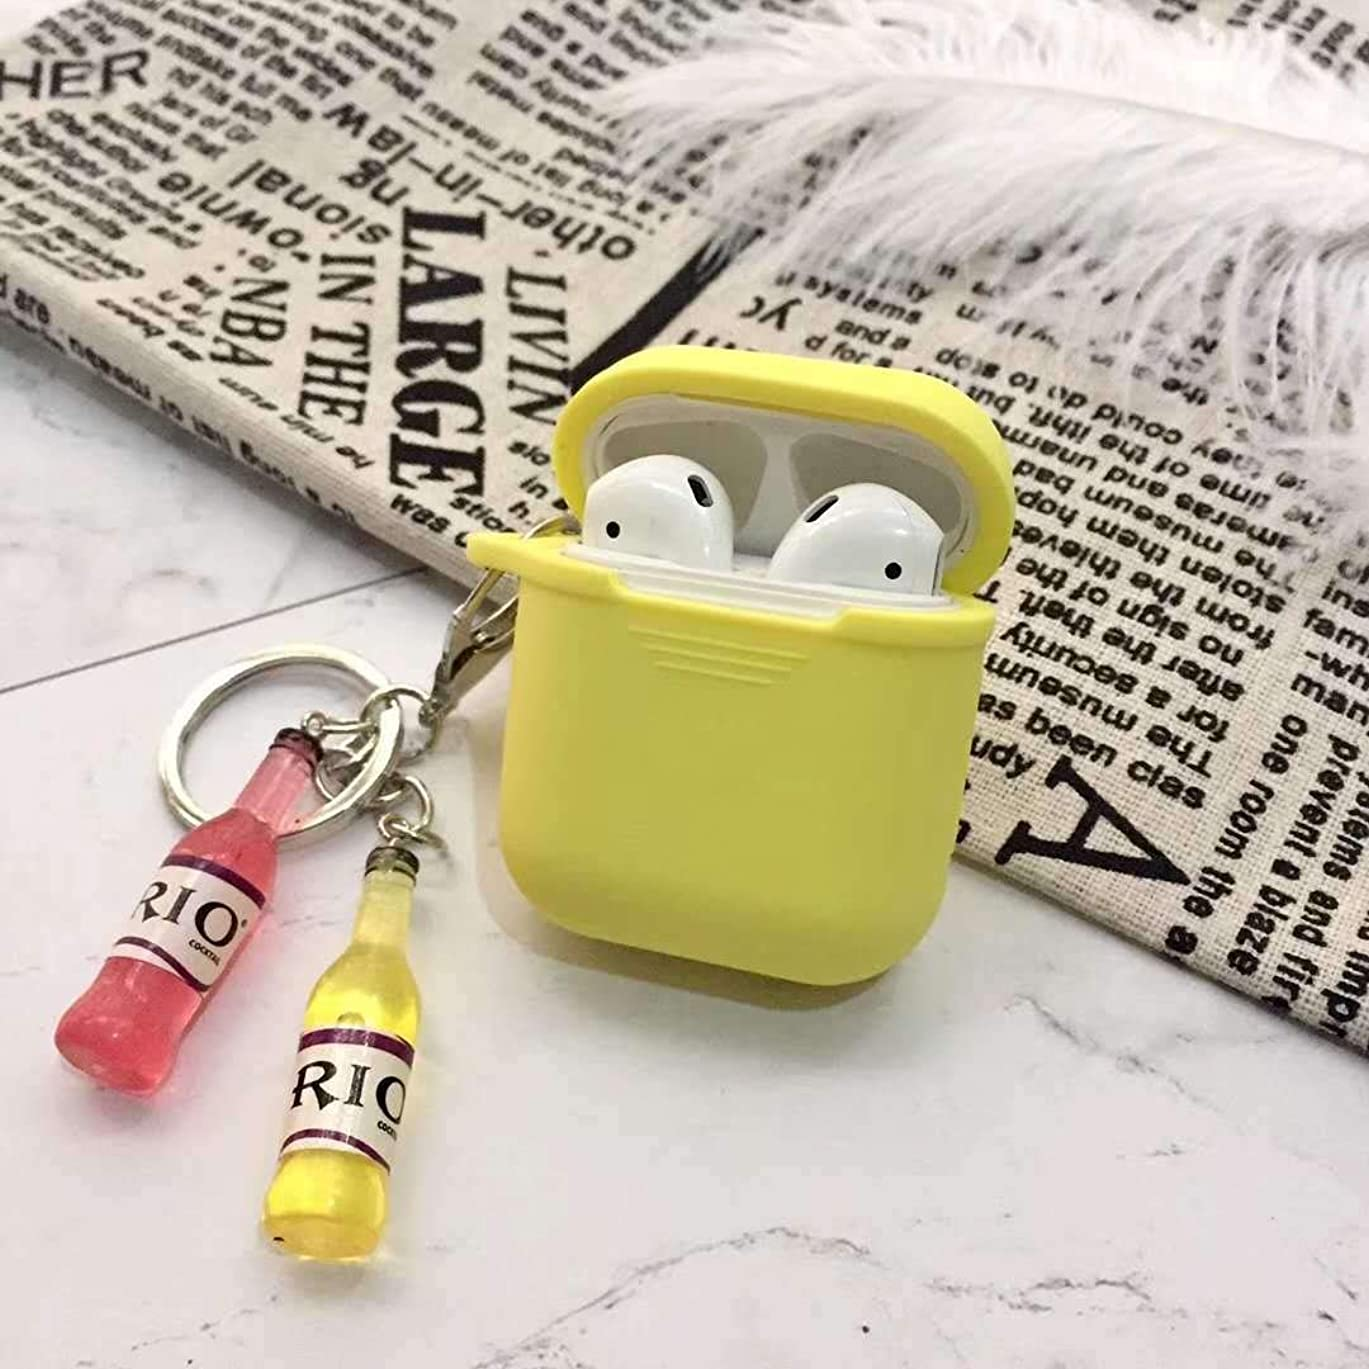 スロープ財布幻想的AFAEF HOME 該当するairpods2保護カバーrioボトルインパーソナリティアップルワイヤレスBluetoothヘッドセットボックスシリコンシェル女性 (Color : Yellow, Size : Airpods)